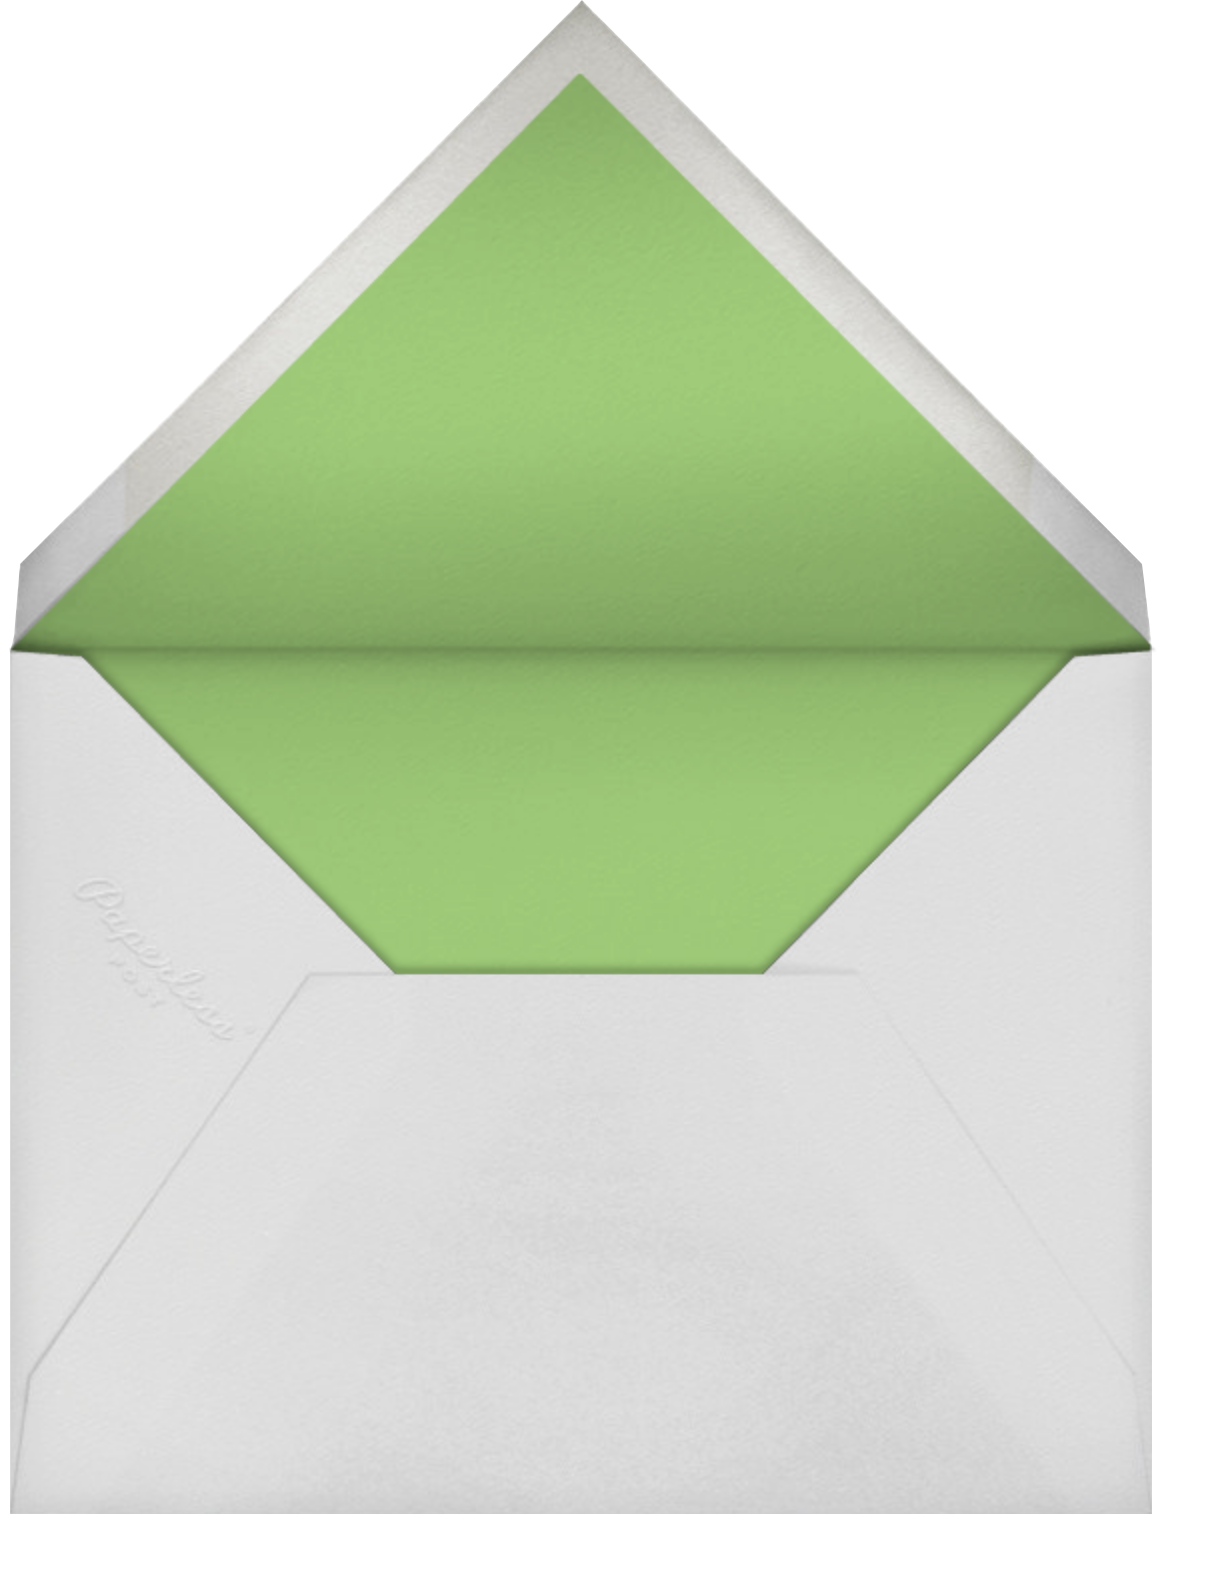 Mascarene - Green - Crane & Co. - Bachelorette party - envelope back